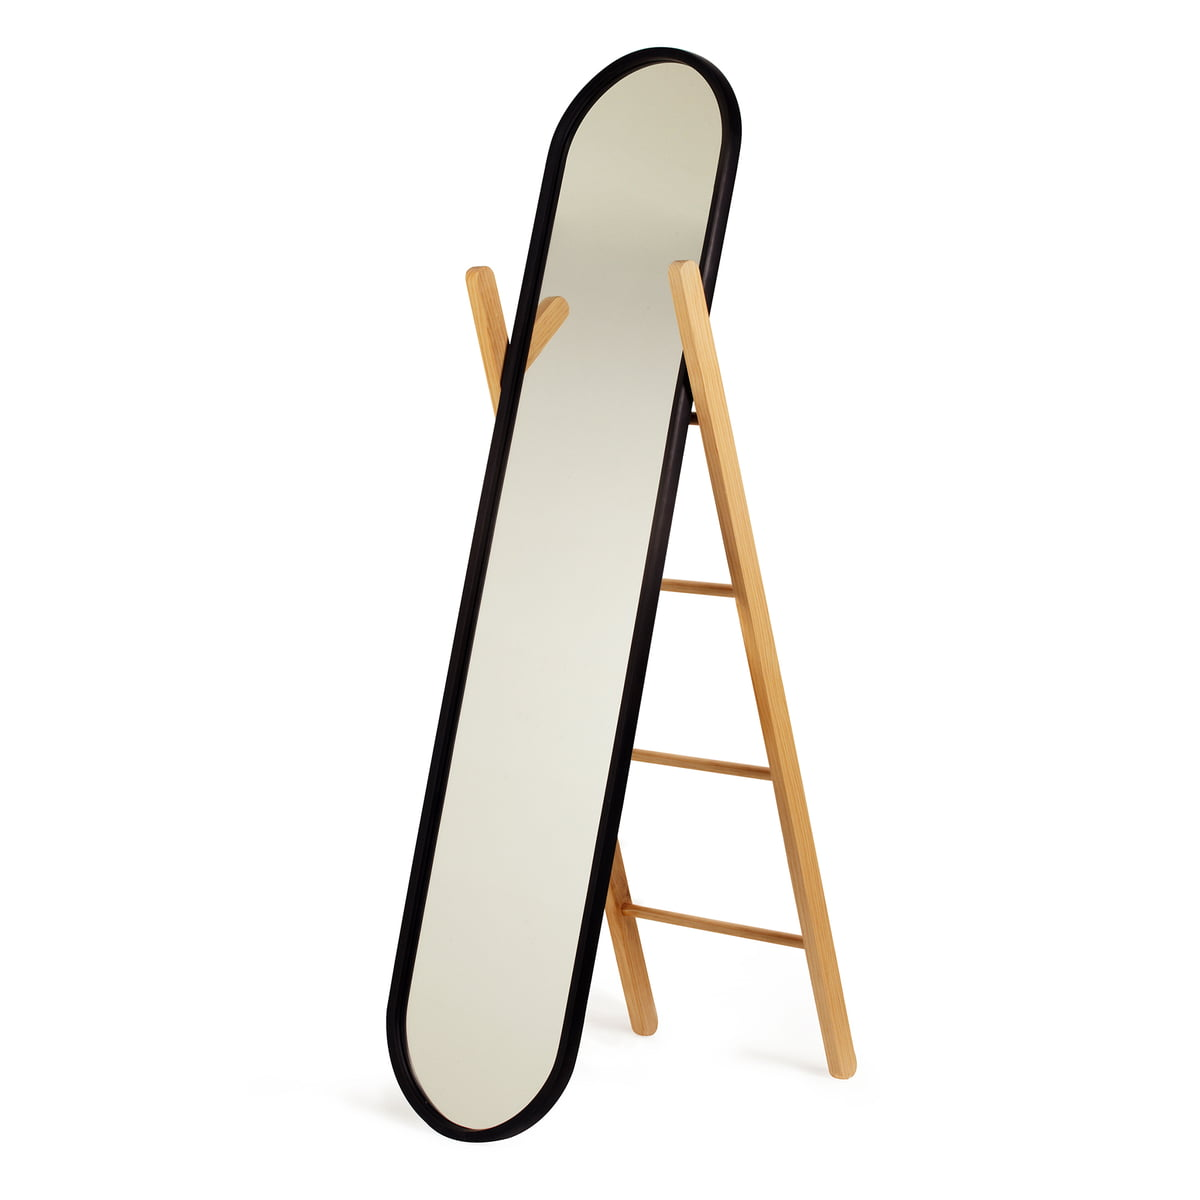 Miroir sur pied hub d umbra connox - Miroir ovale sur pied ...